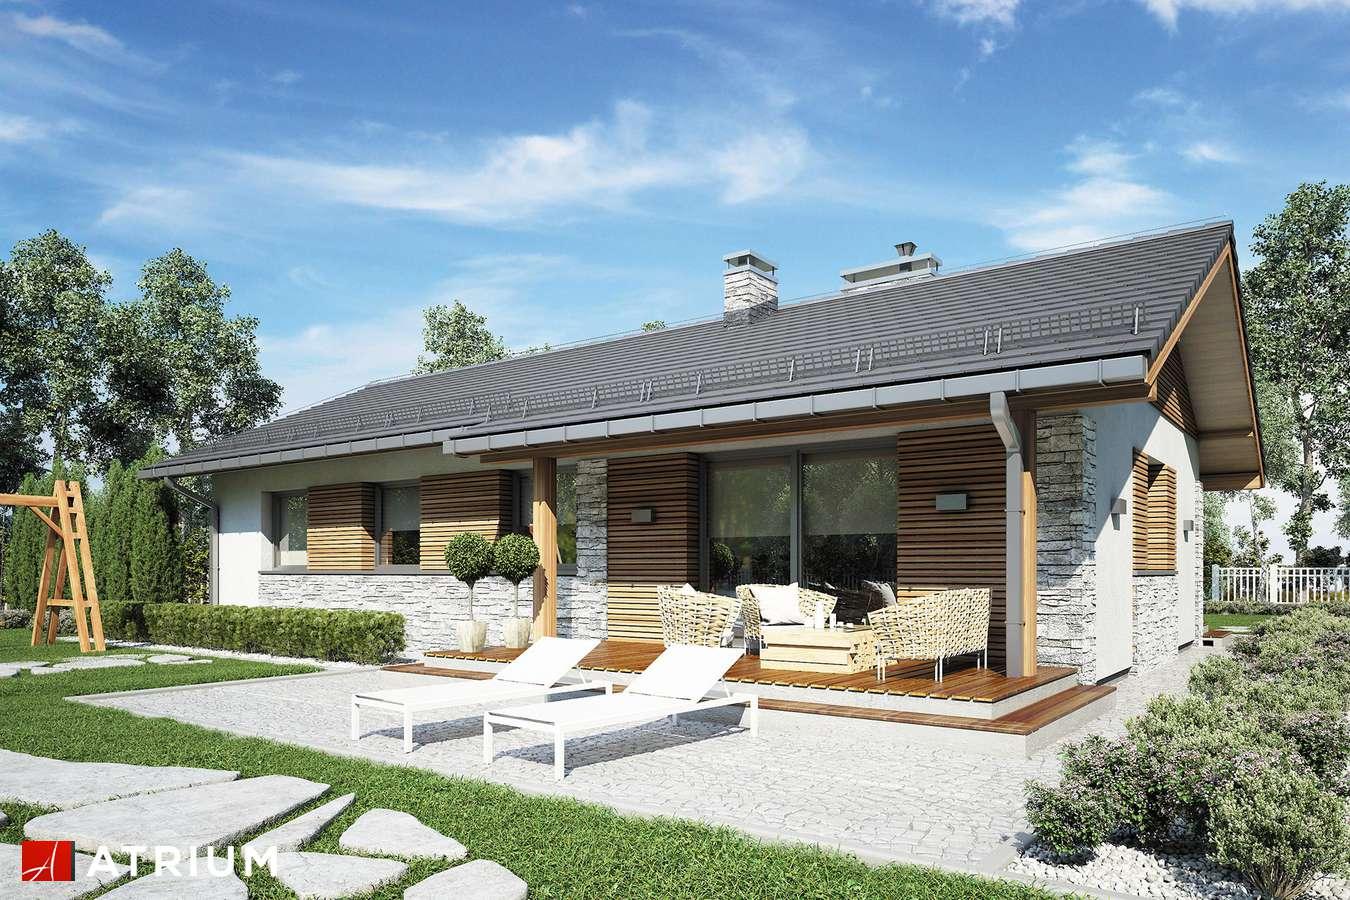 Projekty domów - Projekt domu parterowego ALBERTO - wizualizacja 1 - wersja lustrzana